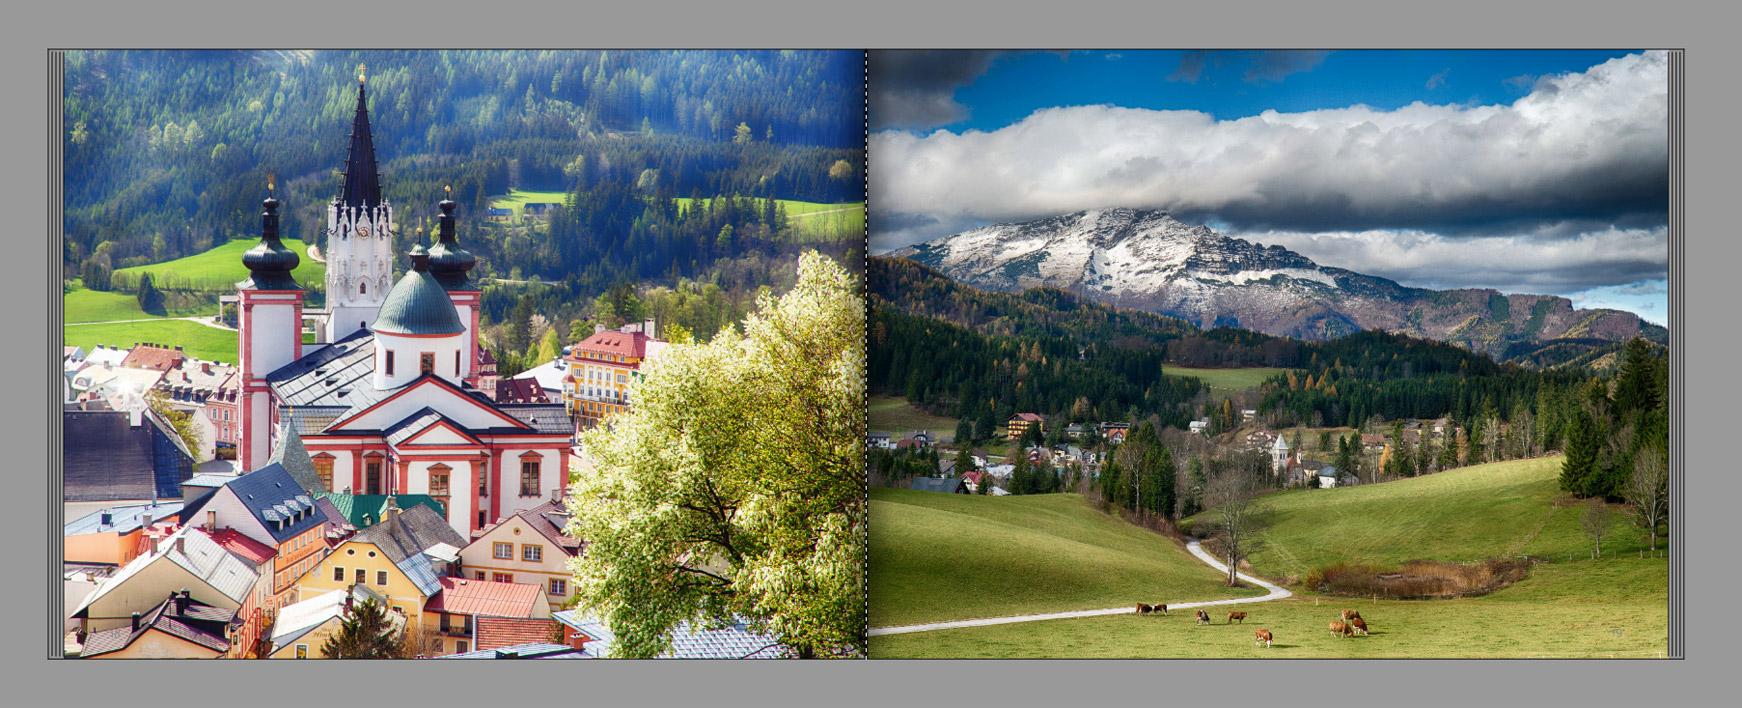 Mariazellerland-Fotobuch-Mariazell-Mitterbach